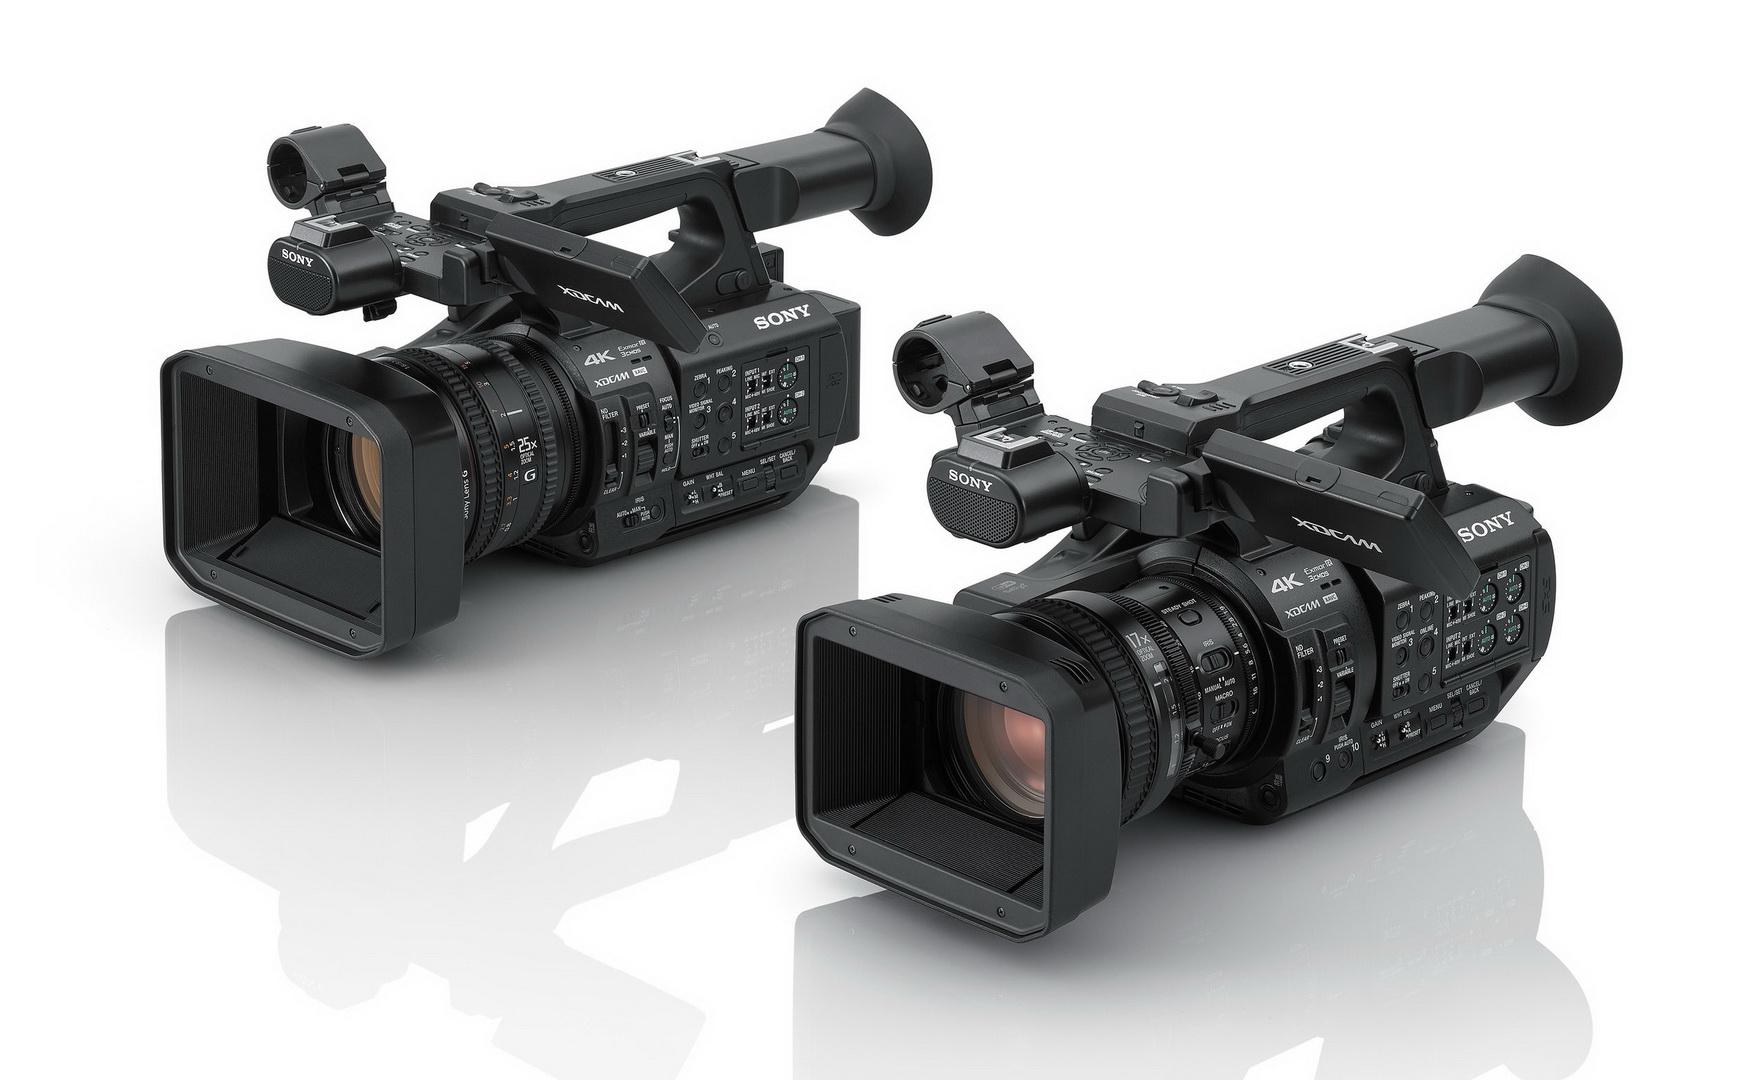 עדכון חומרה לשתי מצלמות של סוני